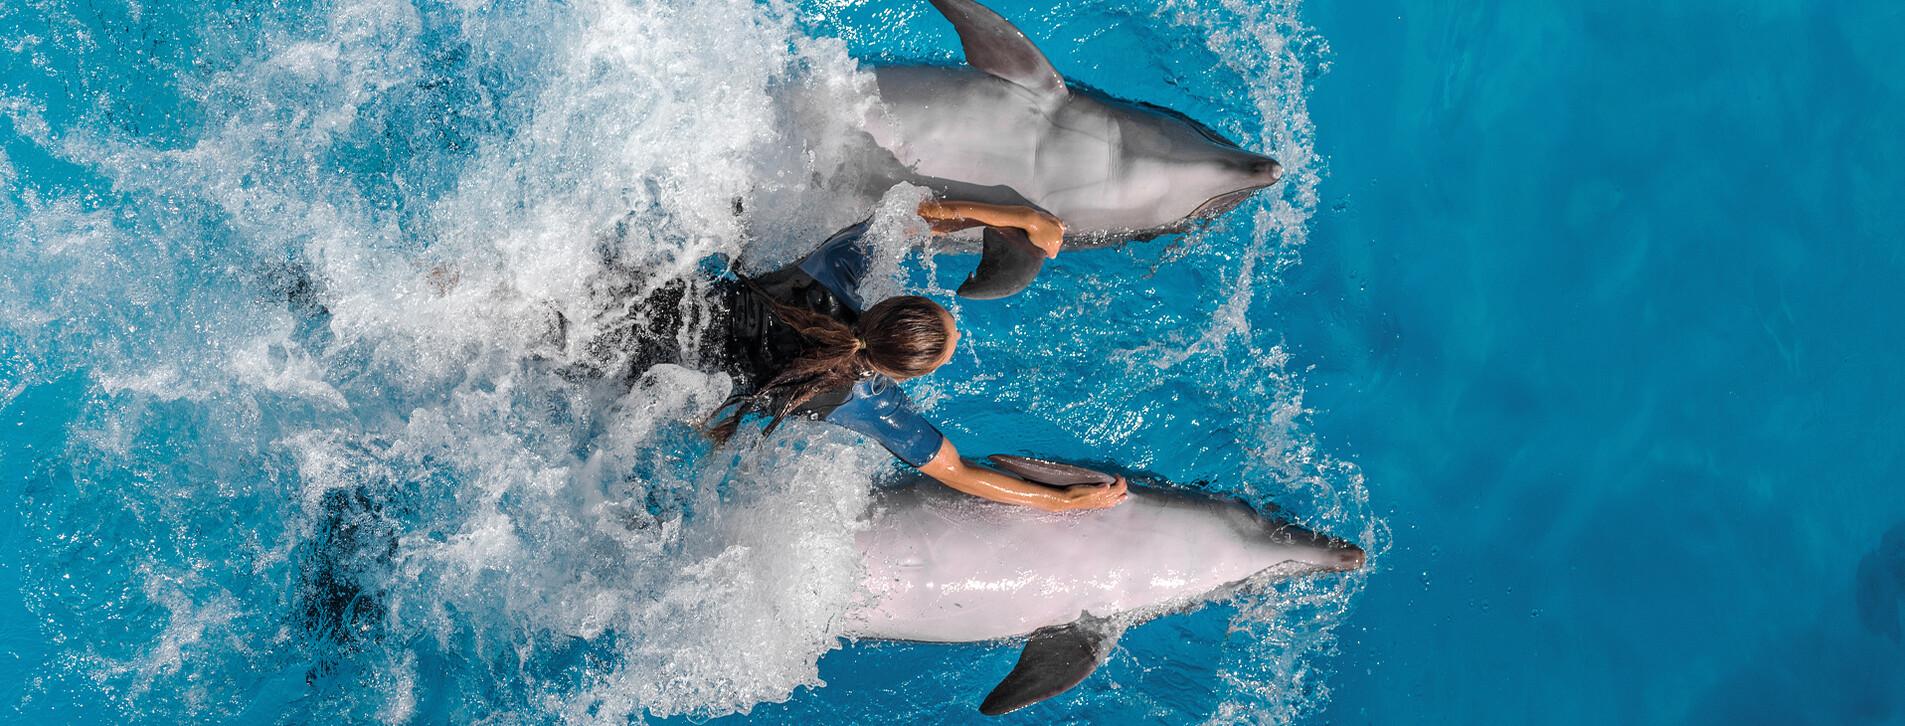 Фото 1 - Плавання з дельфінами